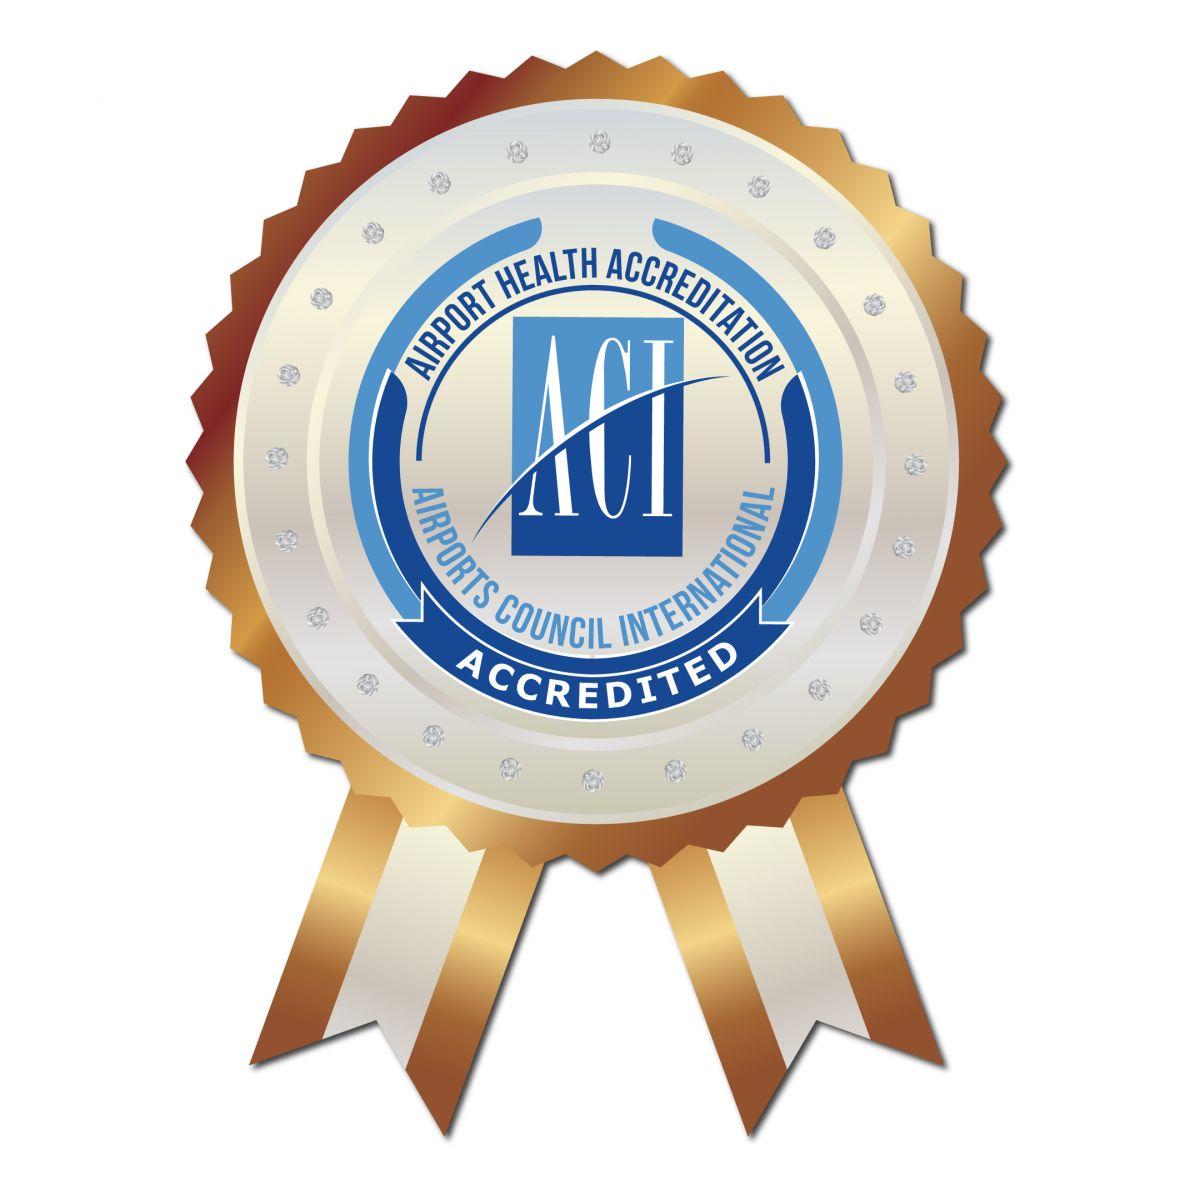 ACI Health Accreditation